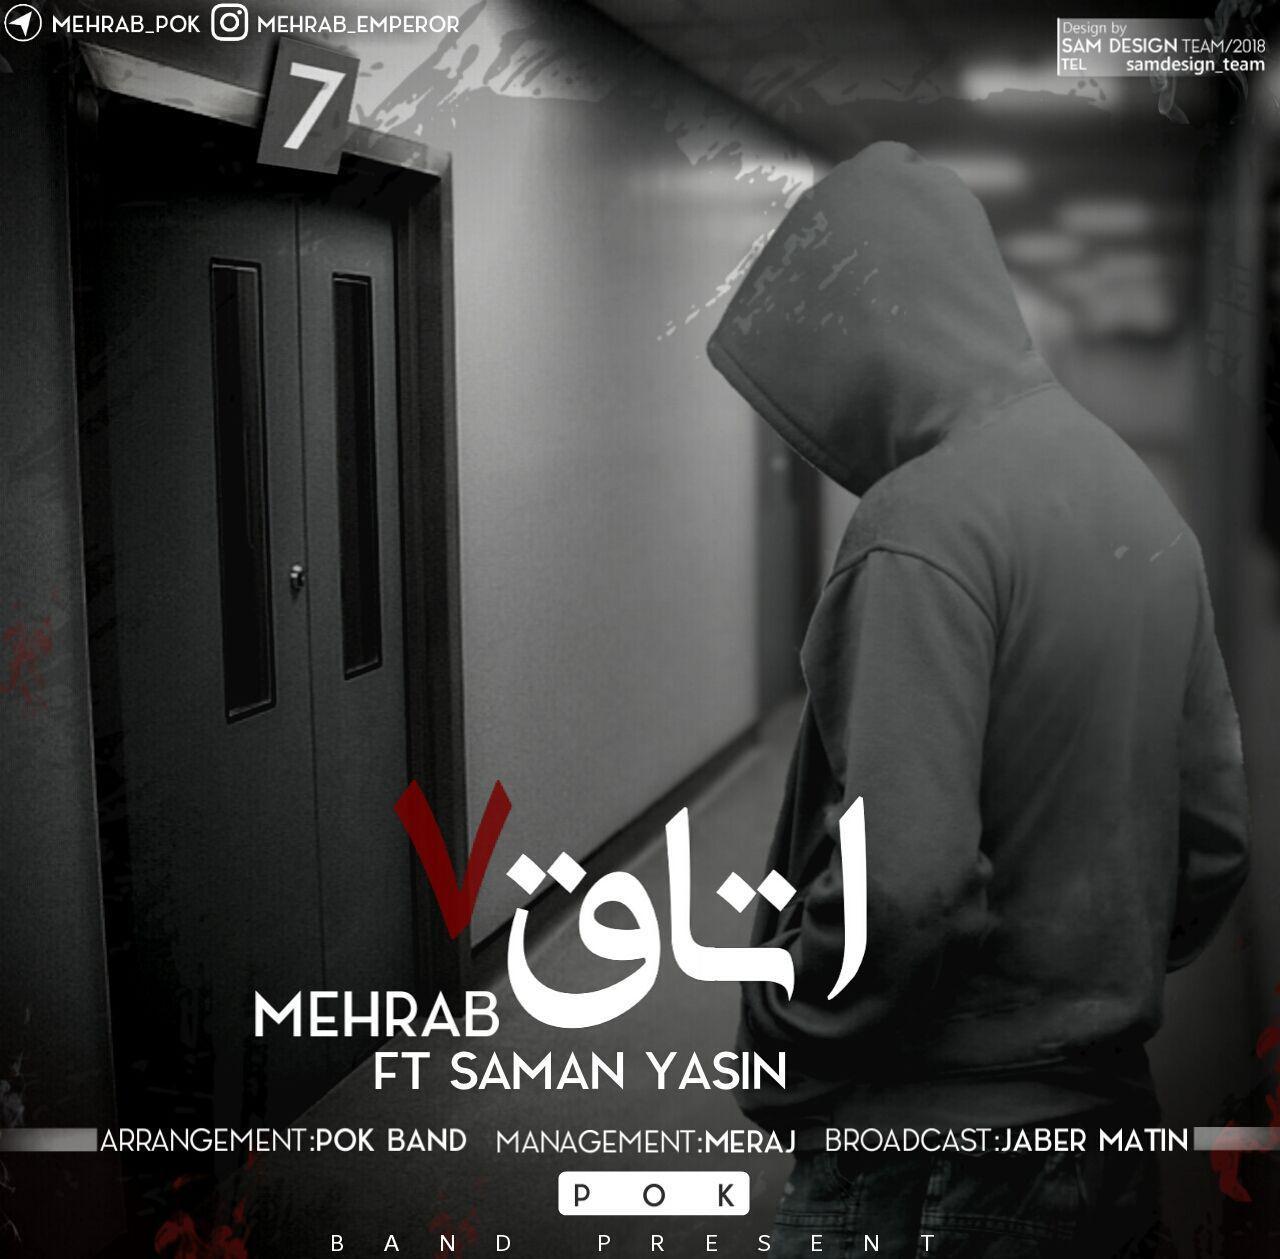 دانلود آهنگ جدید مهراب و سامان یاسین به نام اتاق هفت